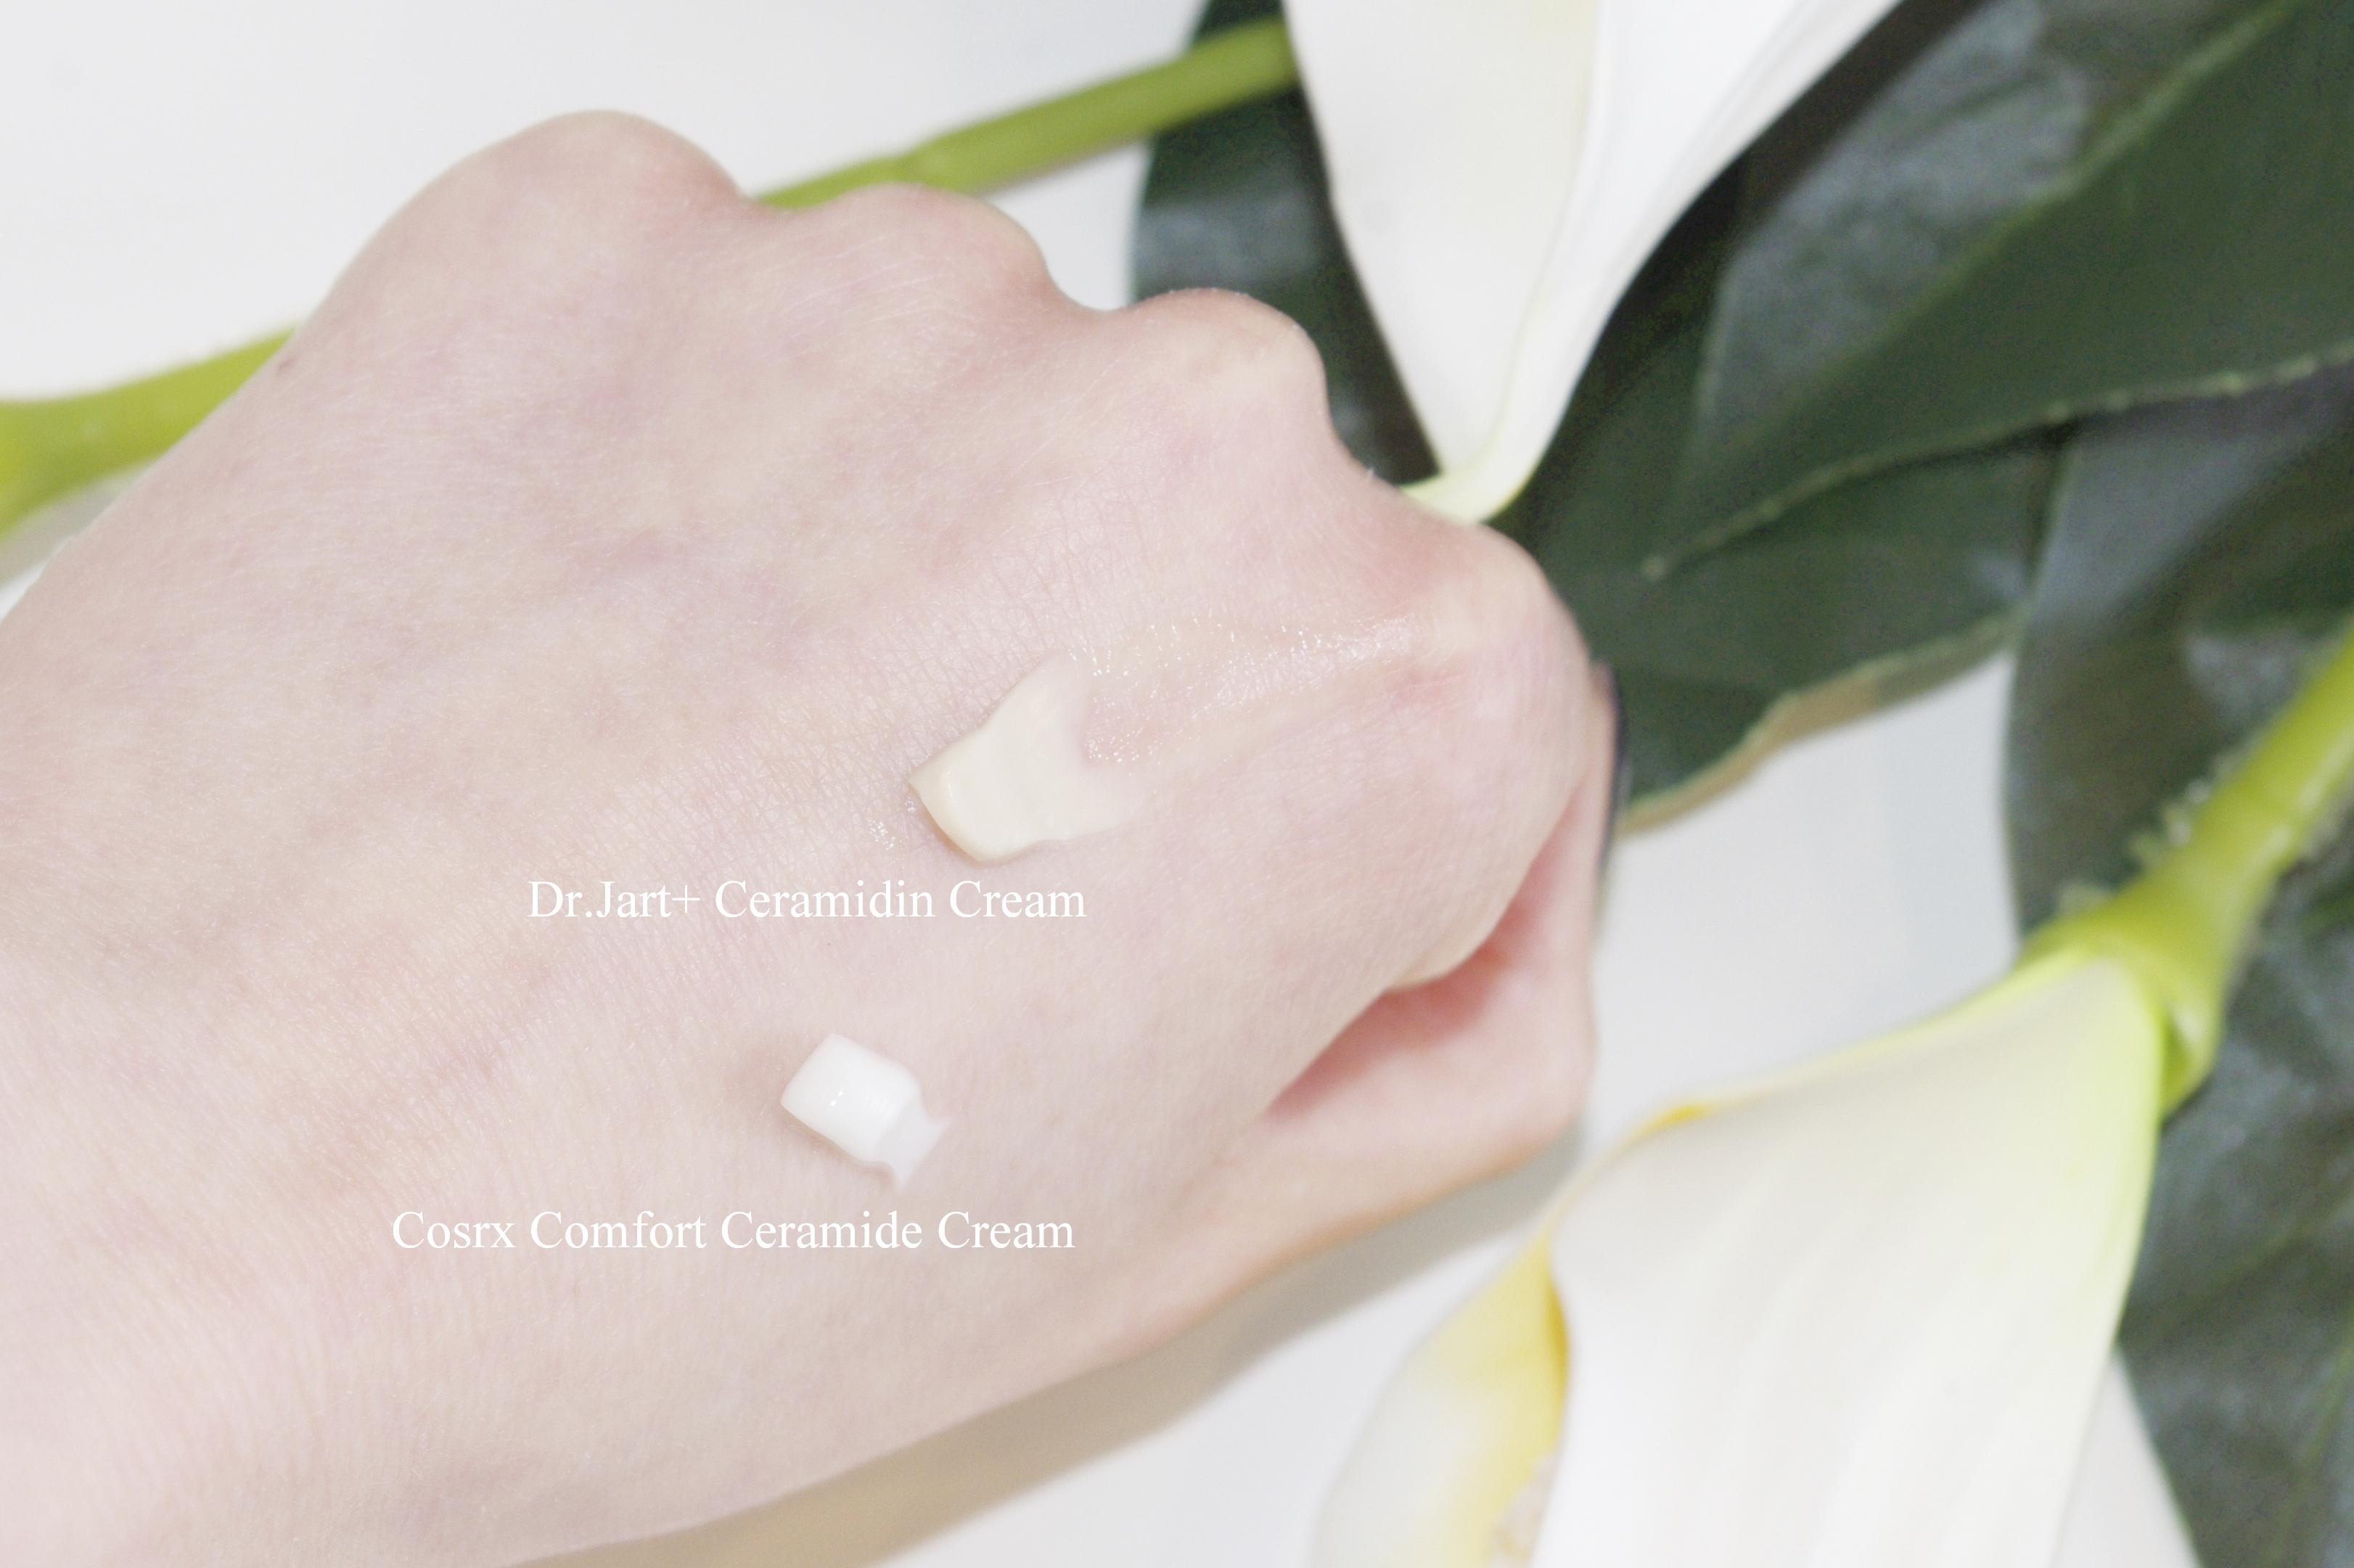 Dr.Jart+Ceramidin Cream Cosrx Balancium Comfort Ceramide Cream